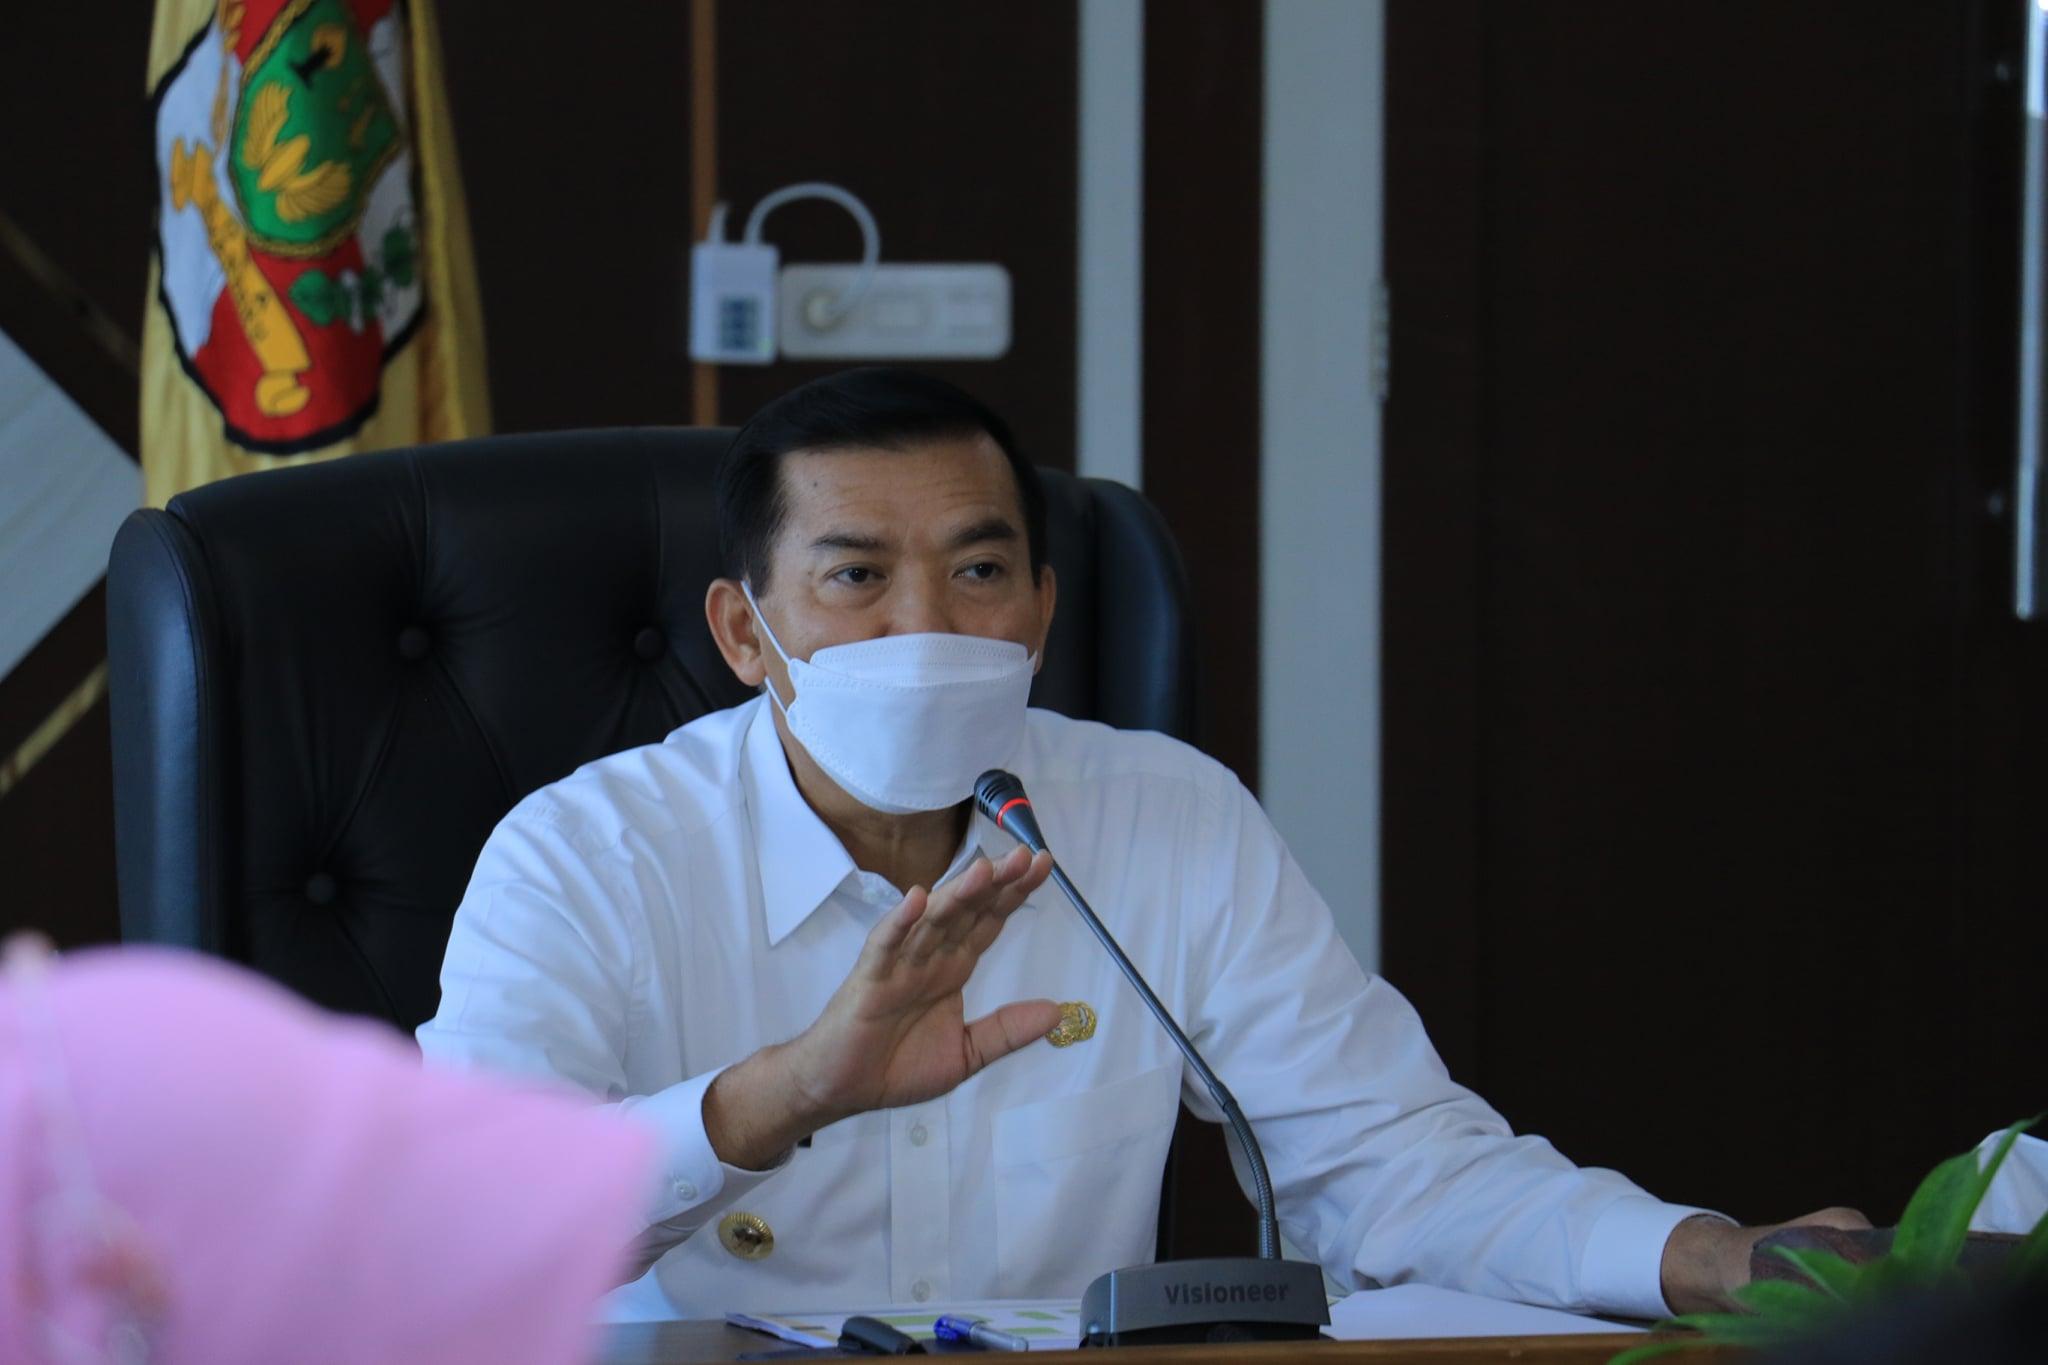 Image : Wali Kota Targetkan Kerjasama Pungutan Retribusi Sampah Ditandatangani Bulan Ini